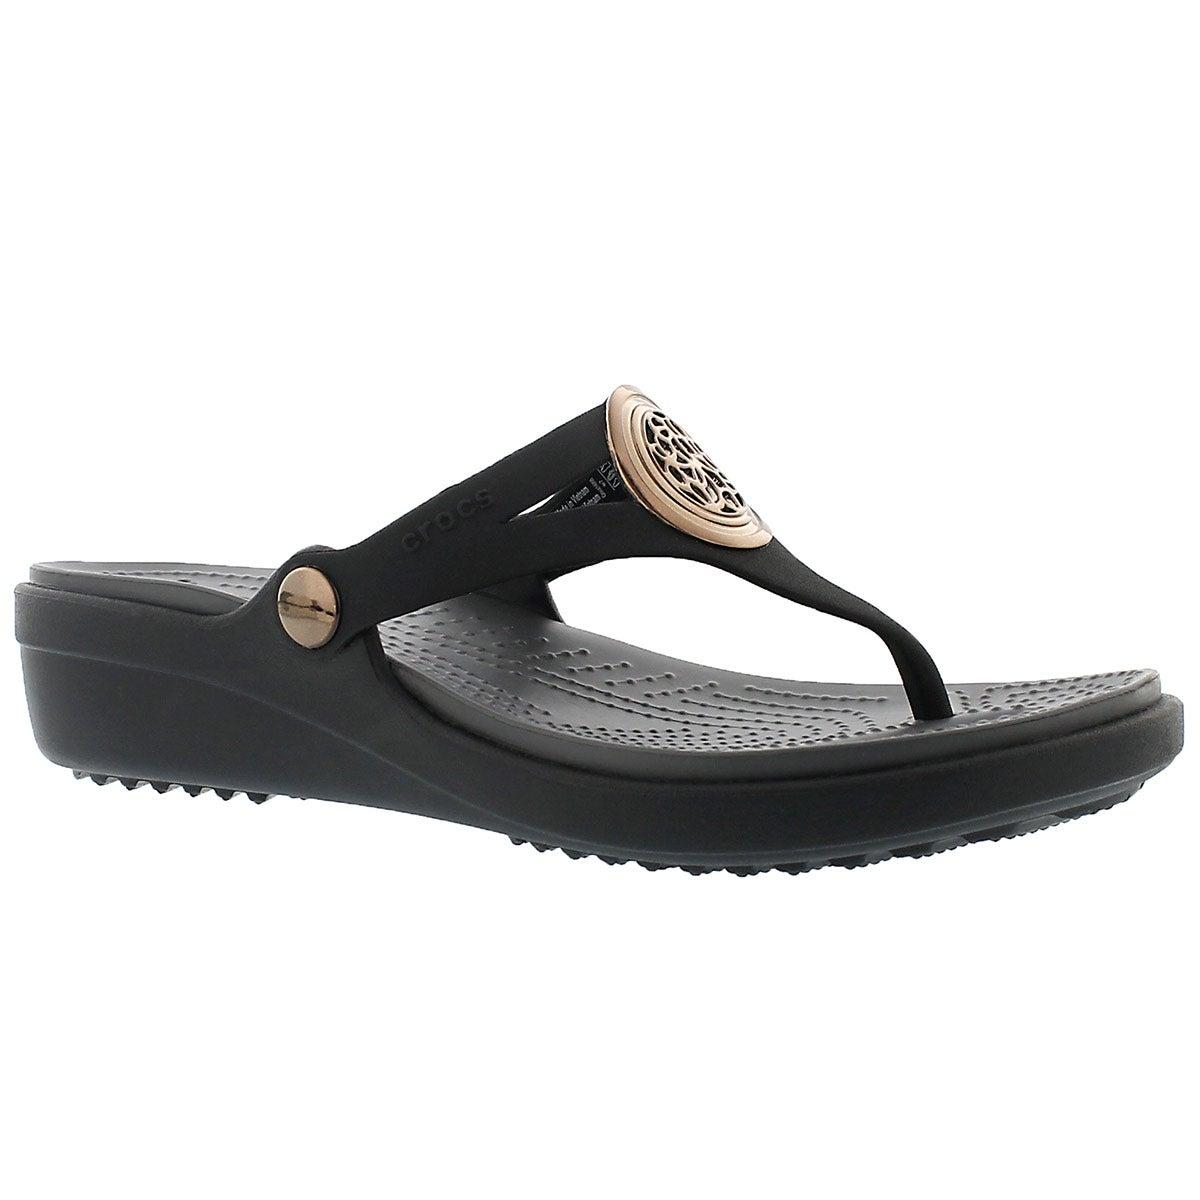 Lds Sanrah Circle blk wedge thong sandal